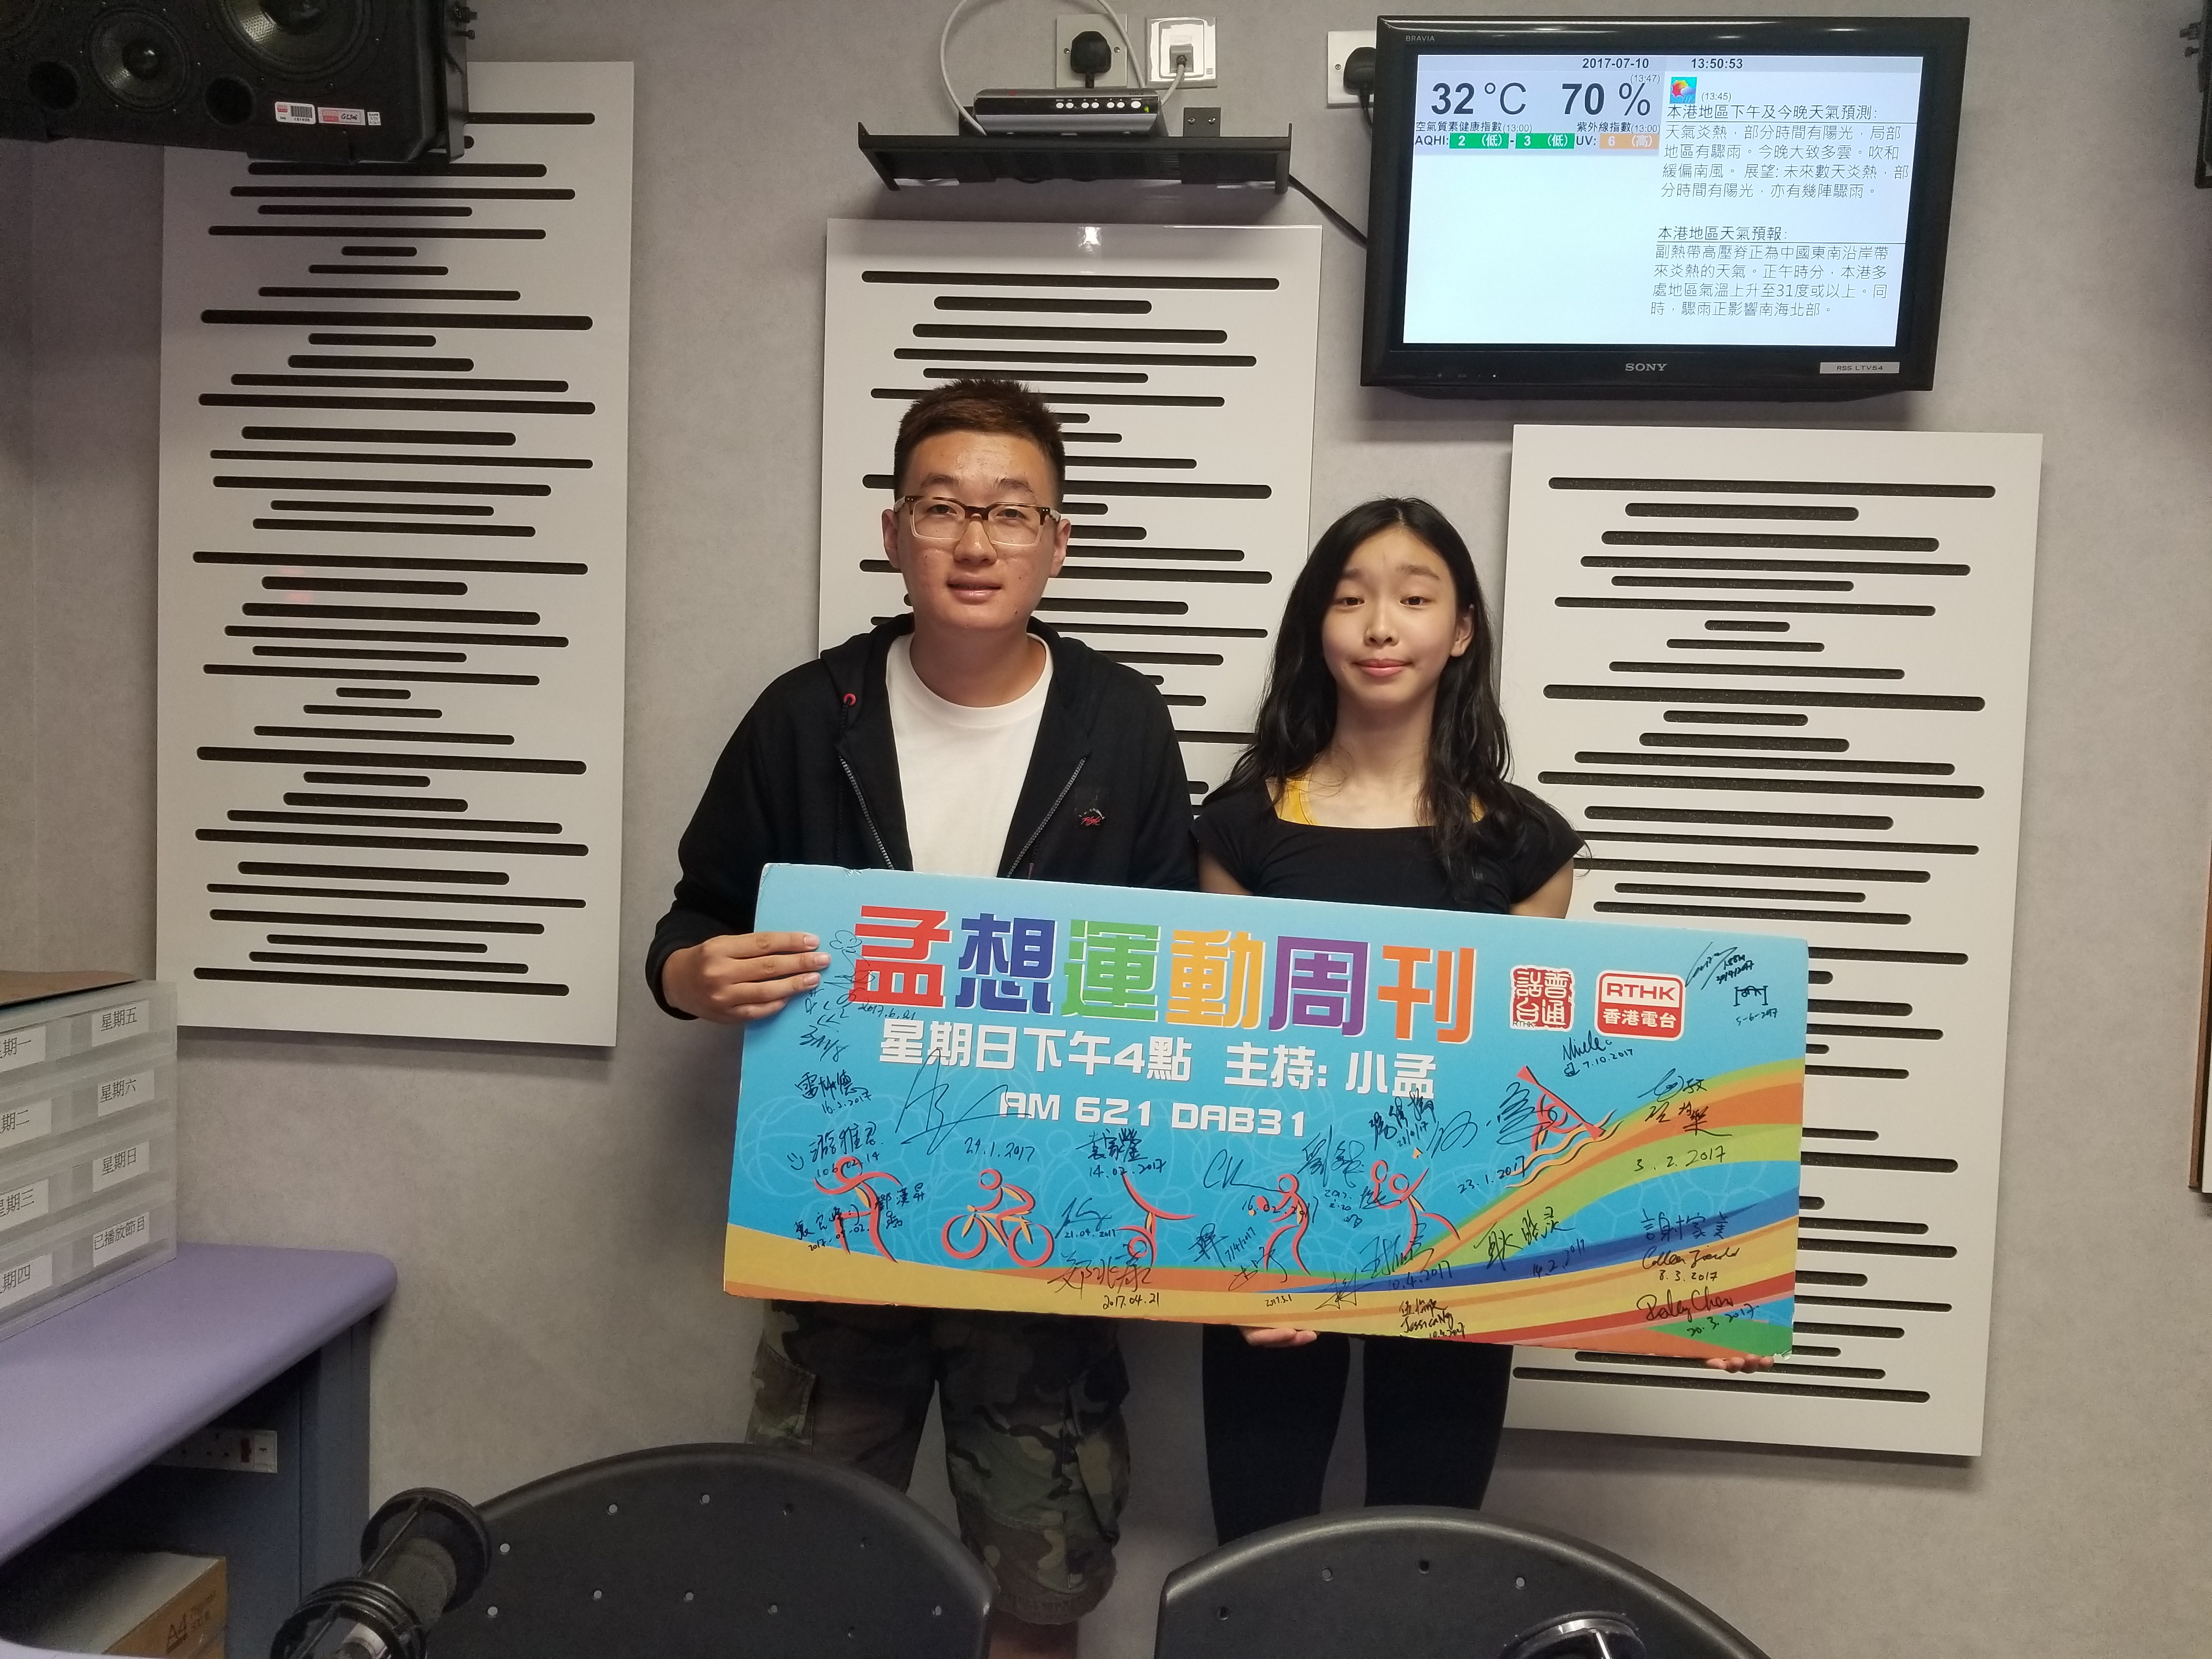 香港電台普通話台